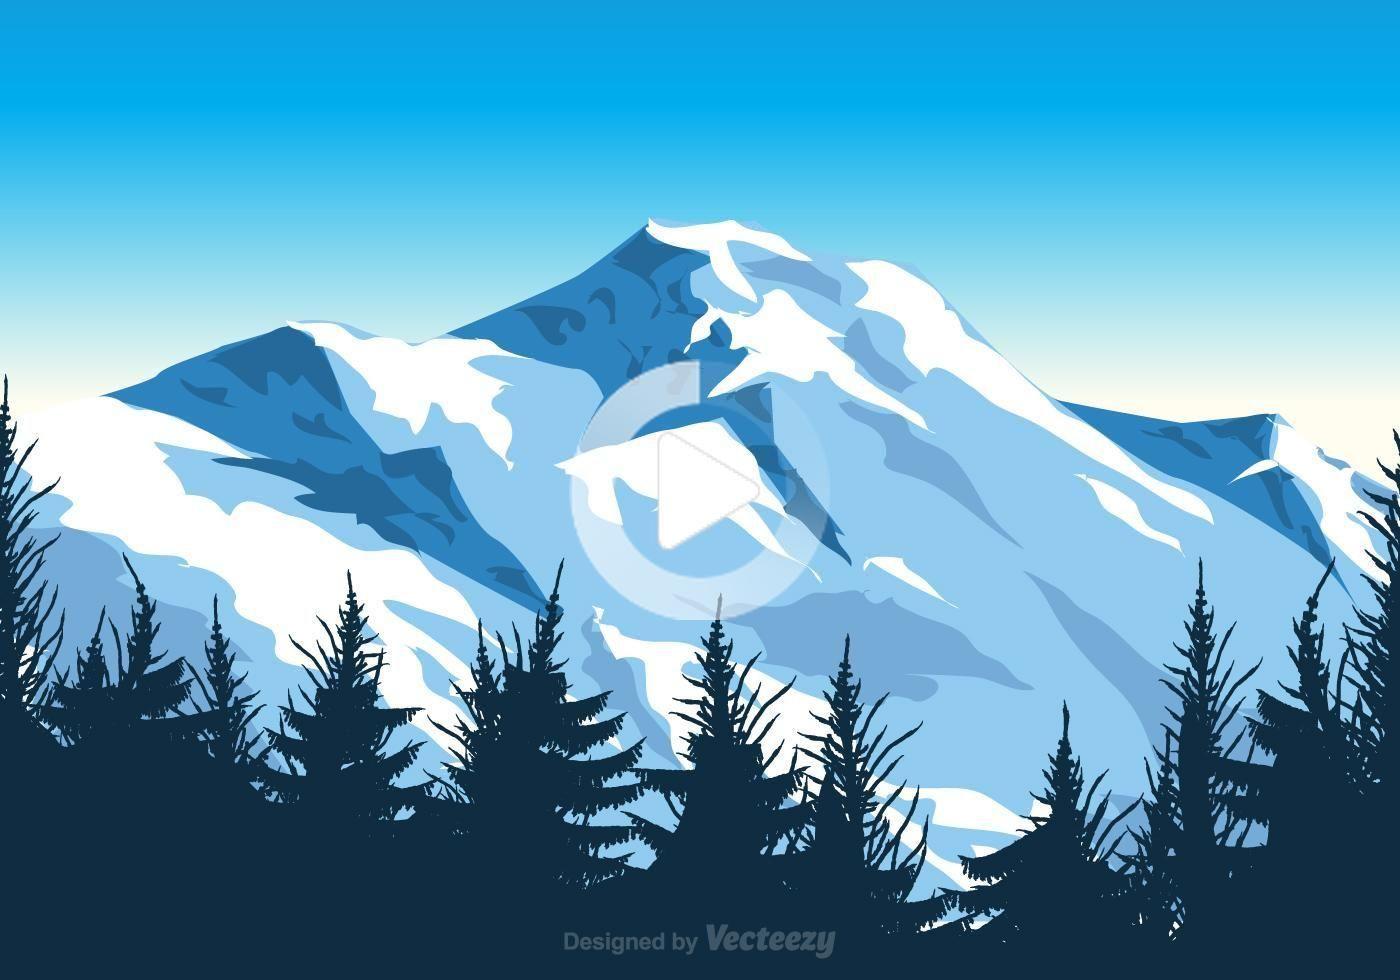 Free vector mount everest illustration in 2020 landscape